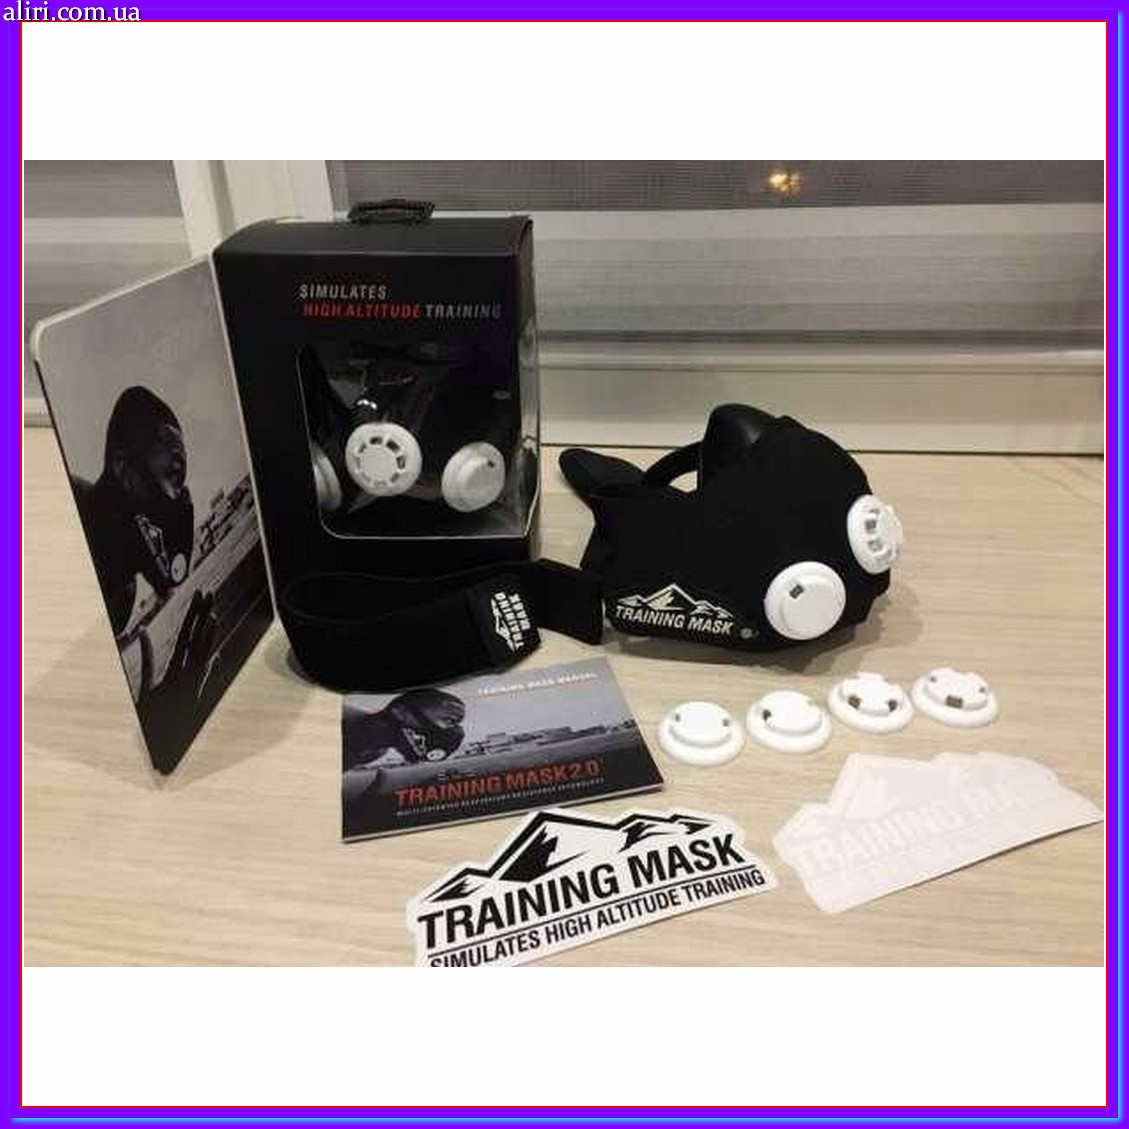 Тренировочная маска для тренировок ElevationTraining Mask 2.0